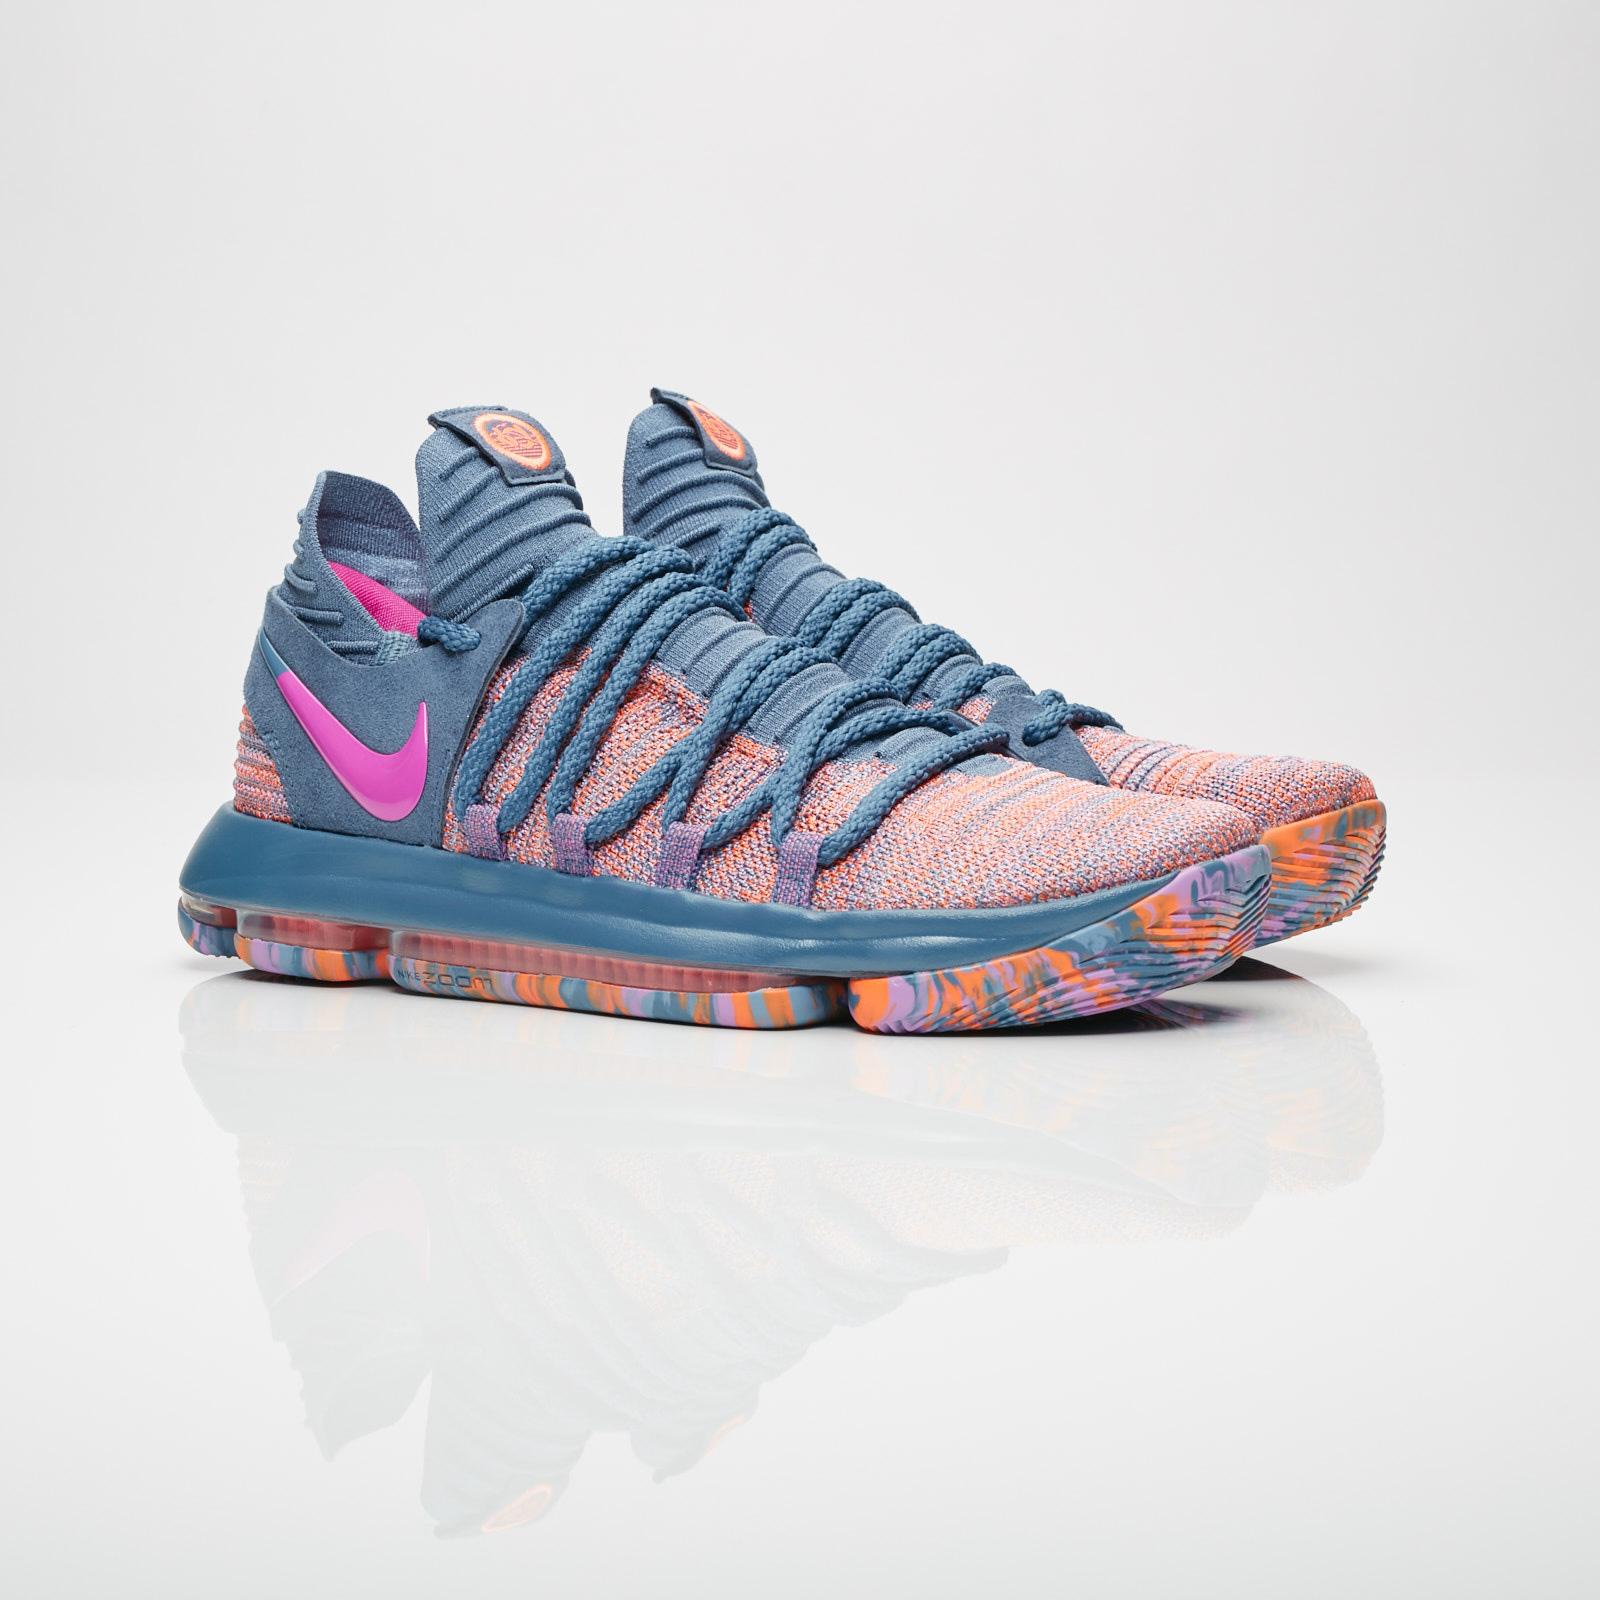 7af4822d81cd Nike Zoom KD10 LMTD - 897817-400 - Sneakersnstuff